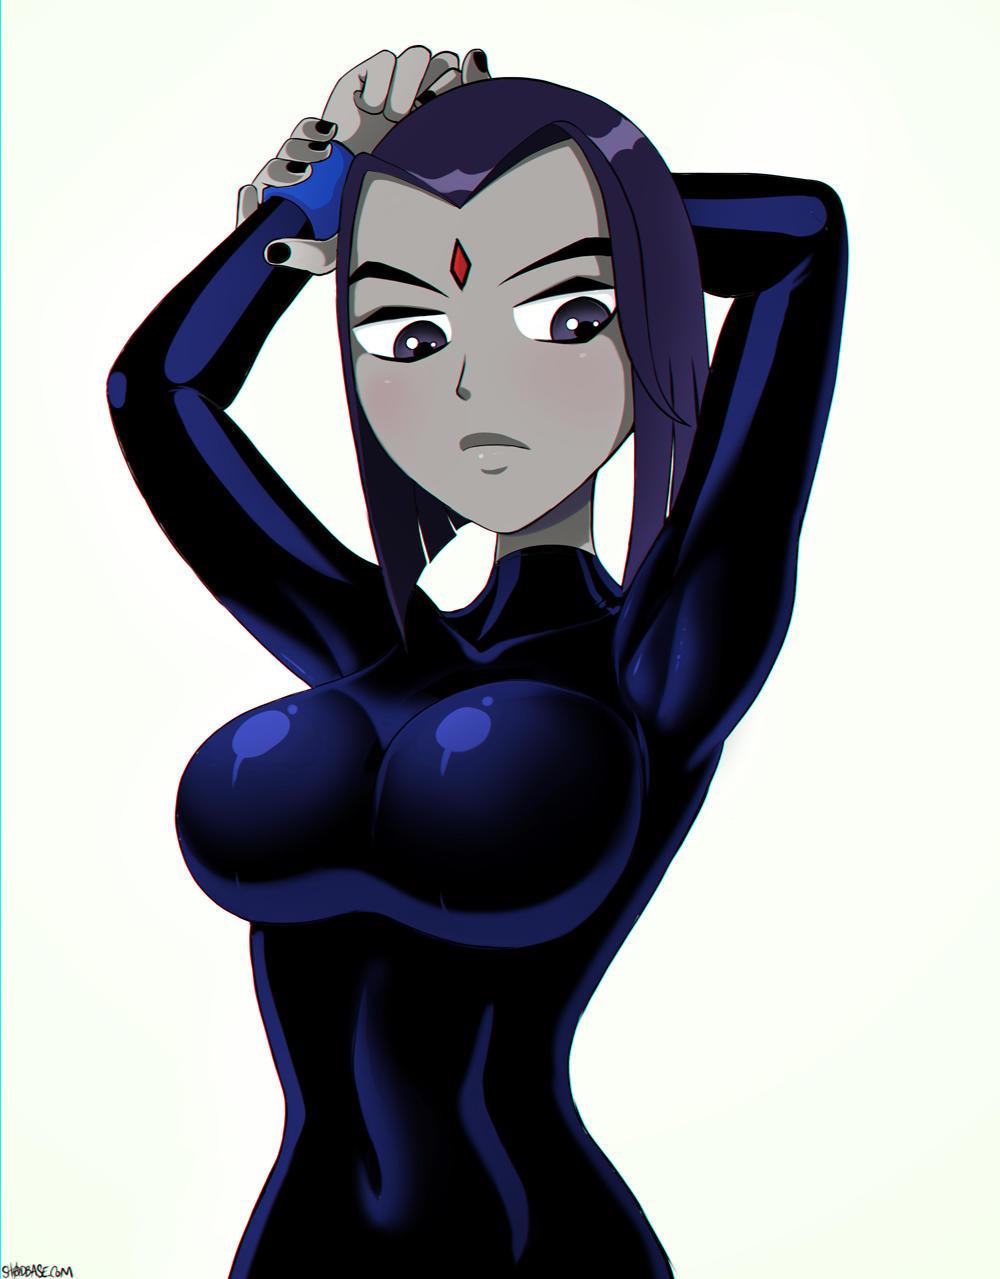 Teen porn anime